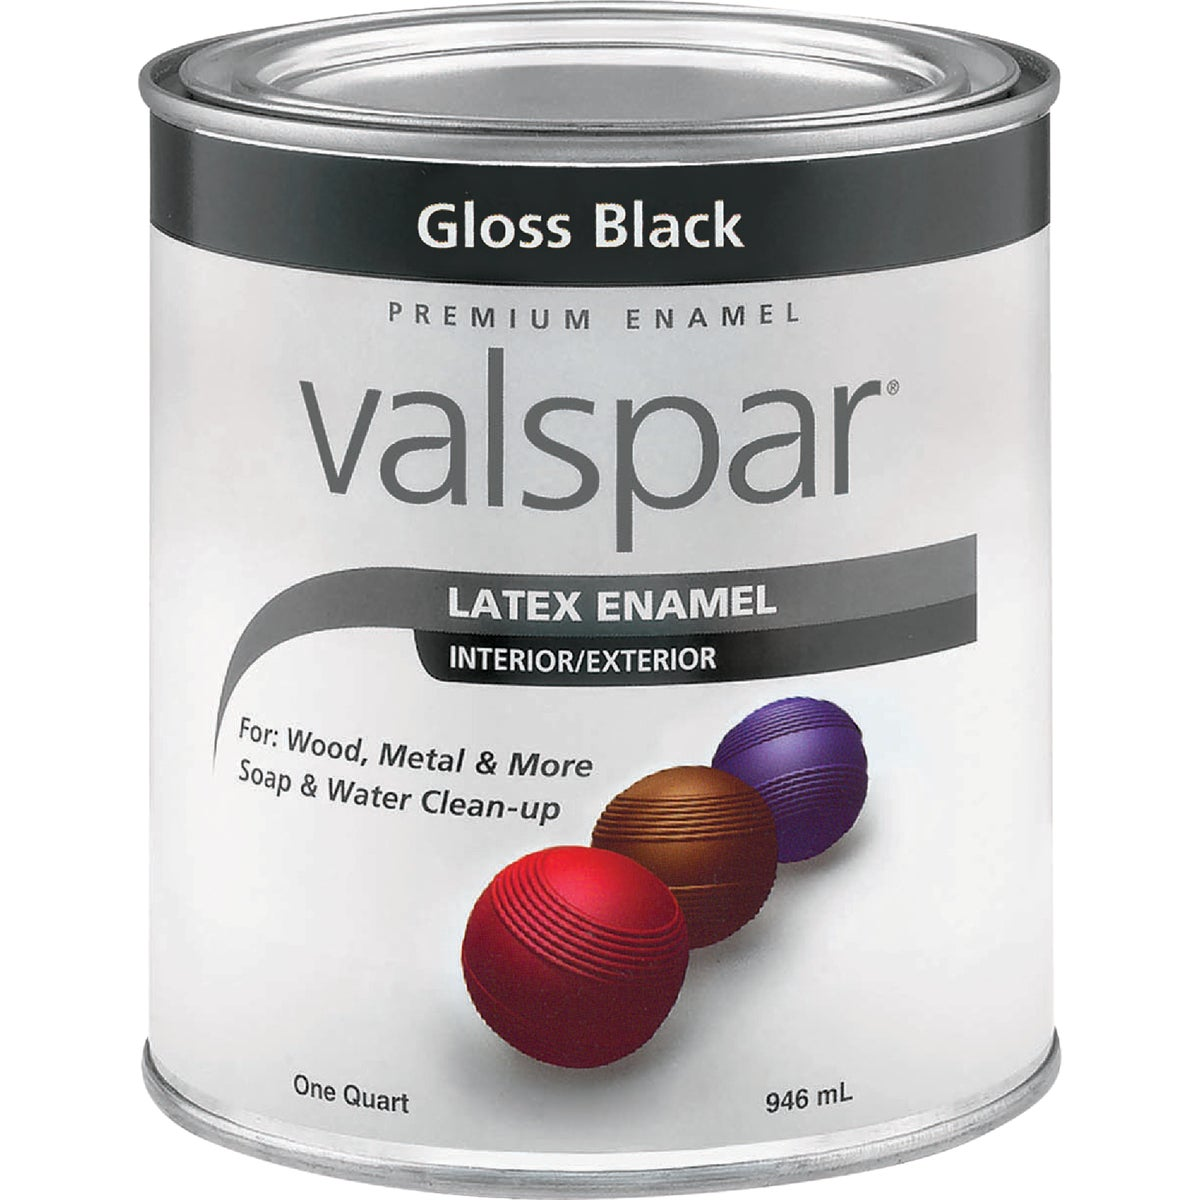 LTX GLOSS BLACK ENAMEL - 410.0065048.005 by Valspar Corp